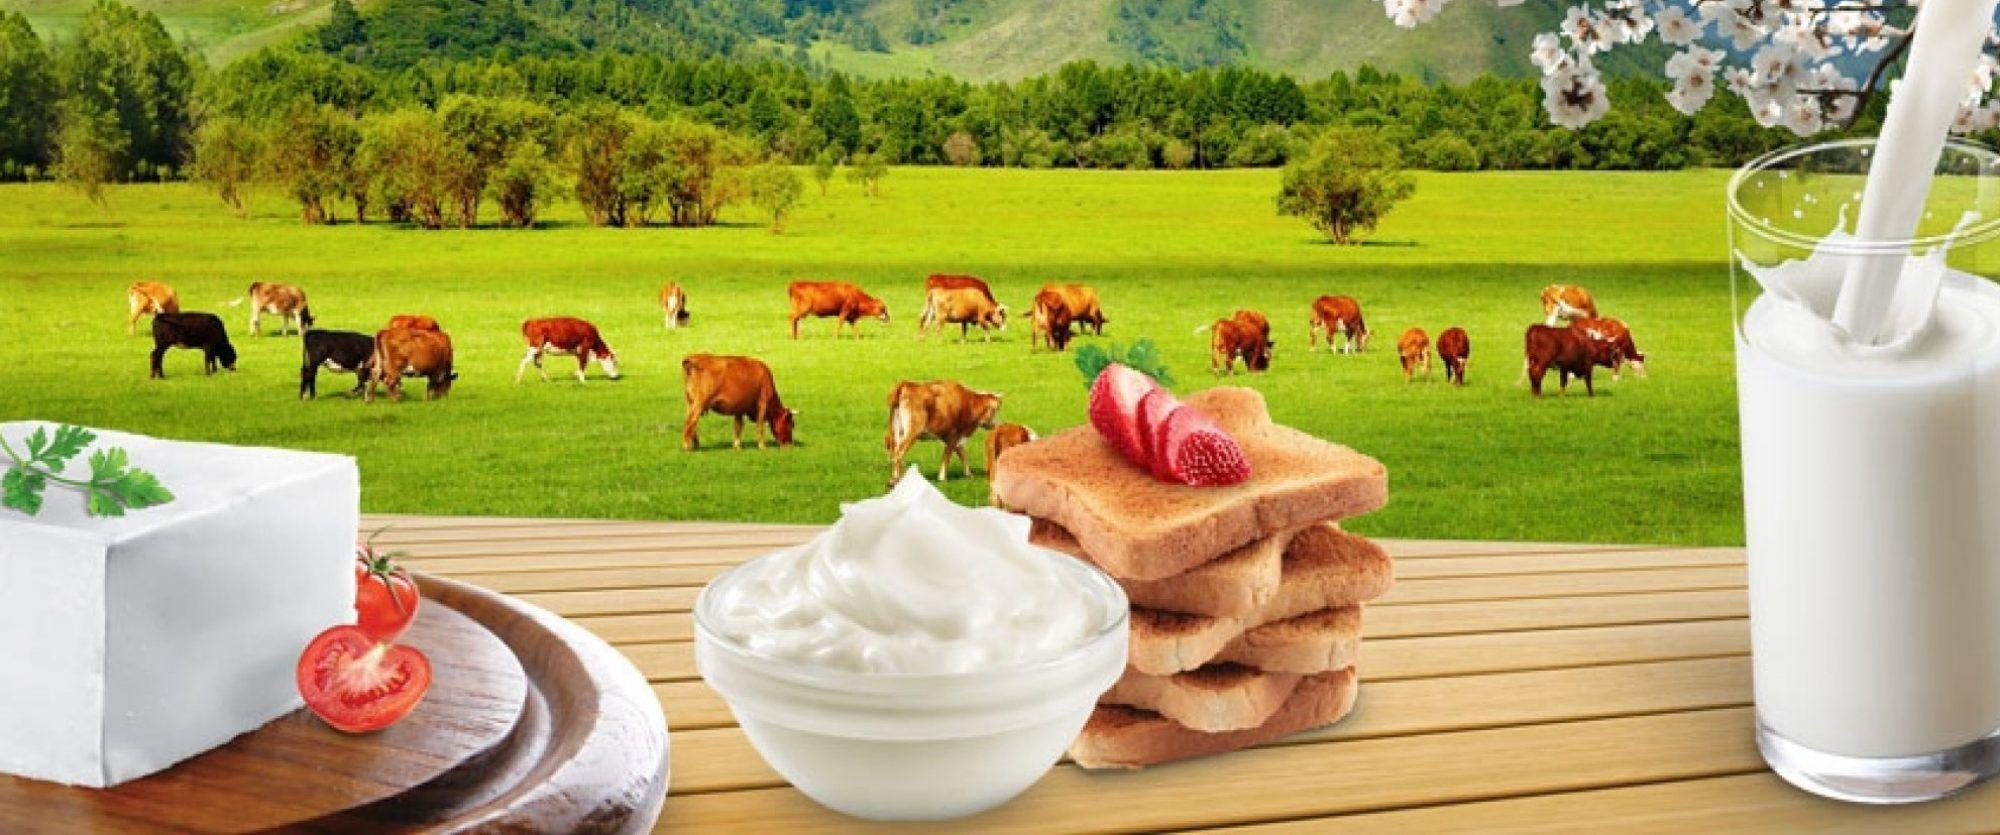 هشدار در خصوص مصرف لبنیات و گوشت سنتی